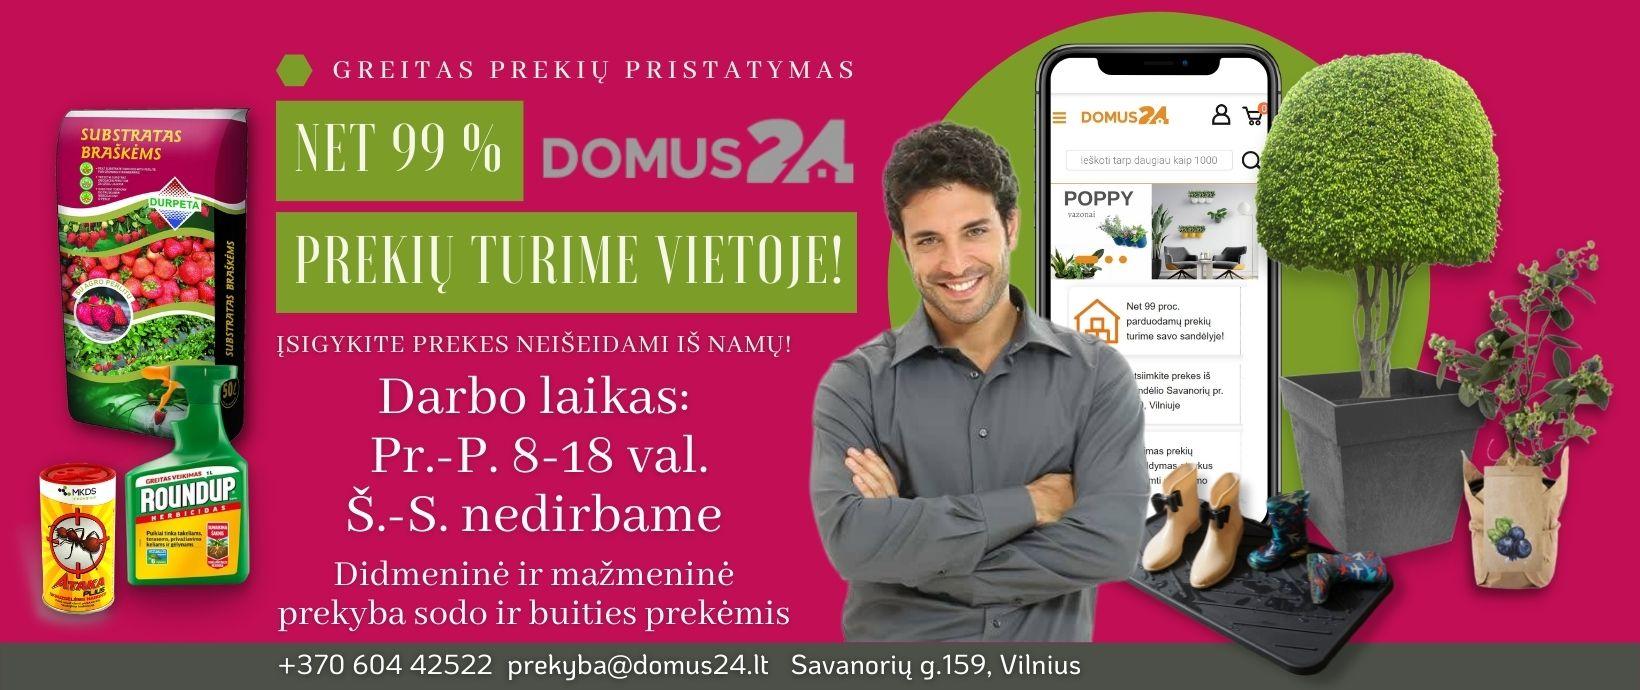 DOMUS24 darbo laikas